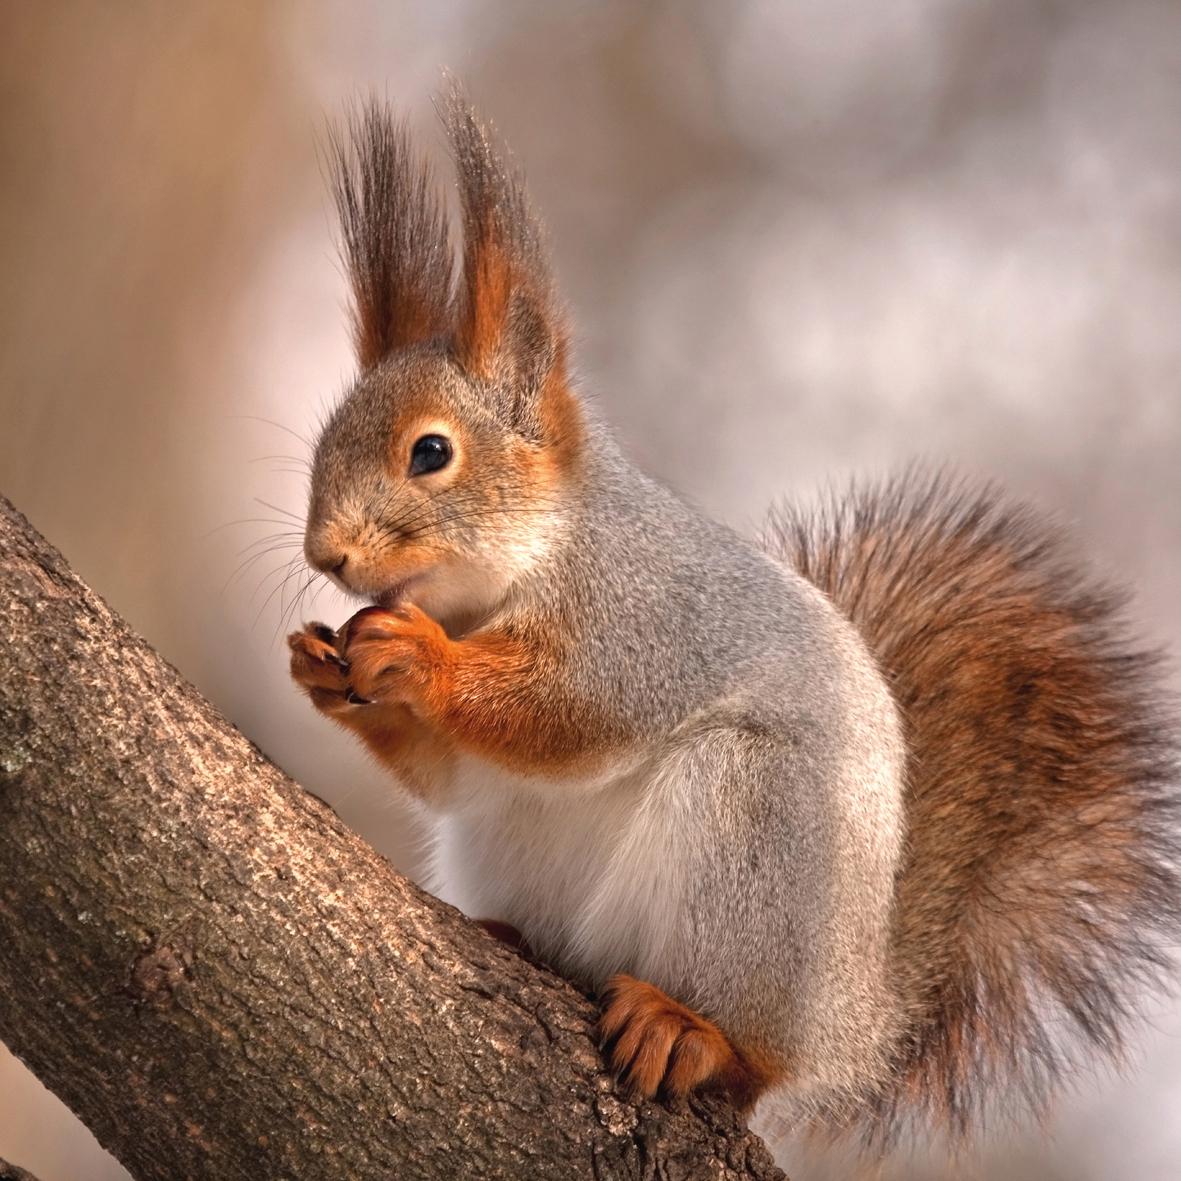 Paperproducts Design,  Tiere - Eichhörnchen,  Everyday,  lunchservietten,  Eichhörnchen